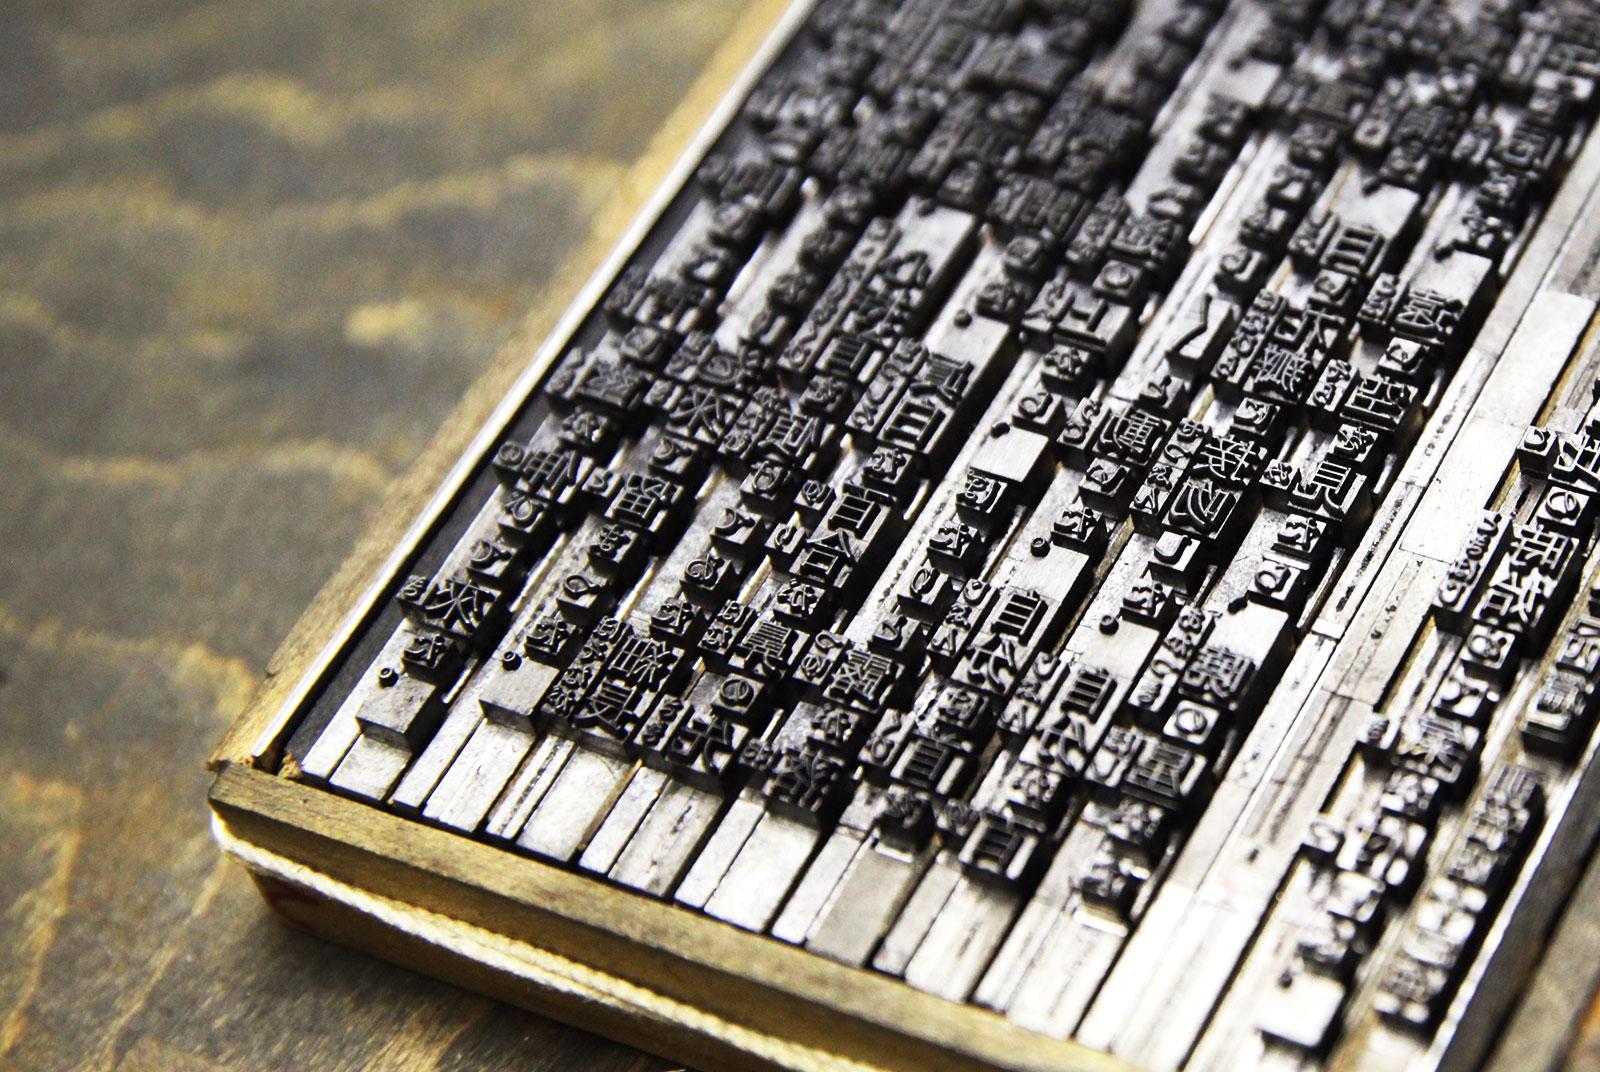 メモ帳の表紙の版。佐々木さんが提案した数種類のパターンから、大小の違う文字サイズで特殊な組み合わせ方をしたアイディアが採用された